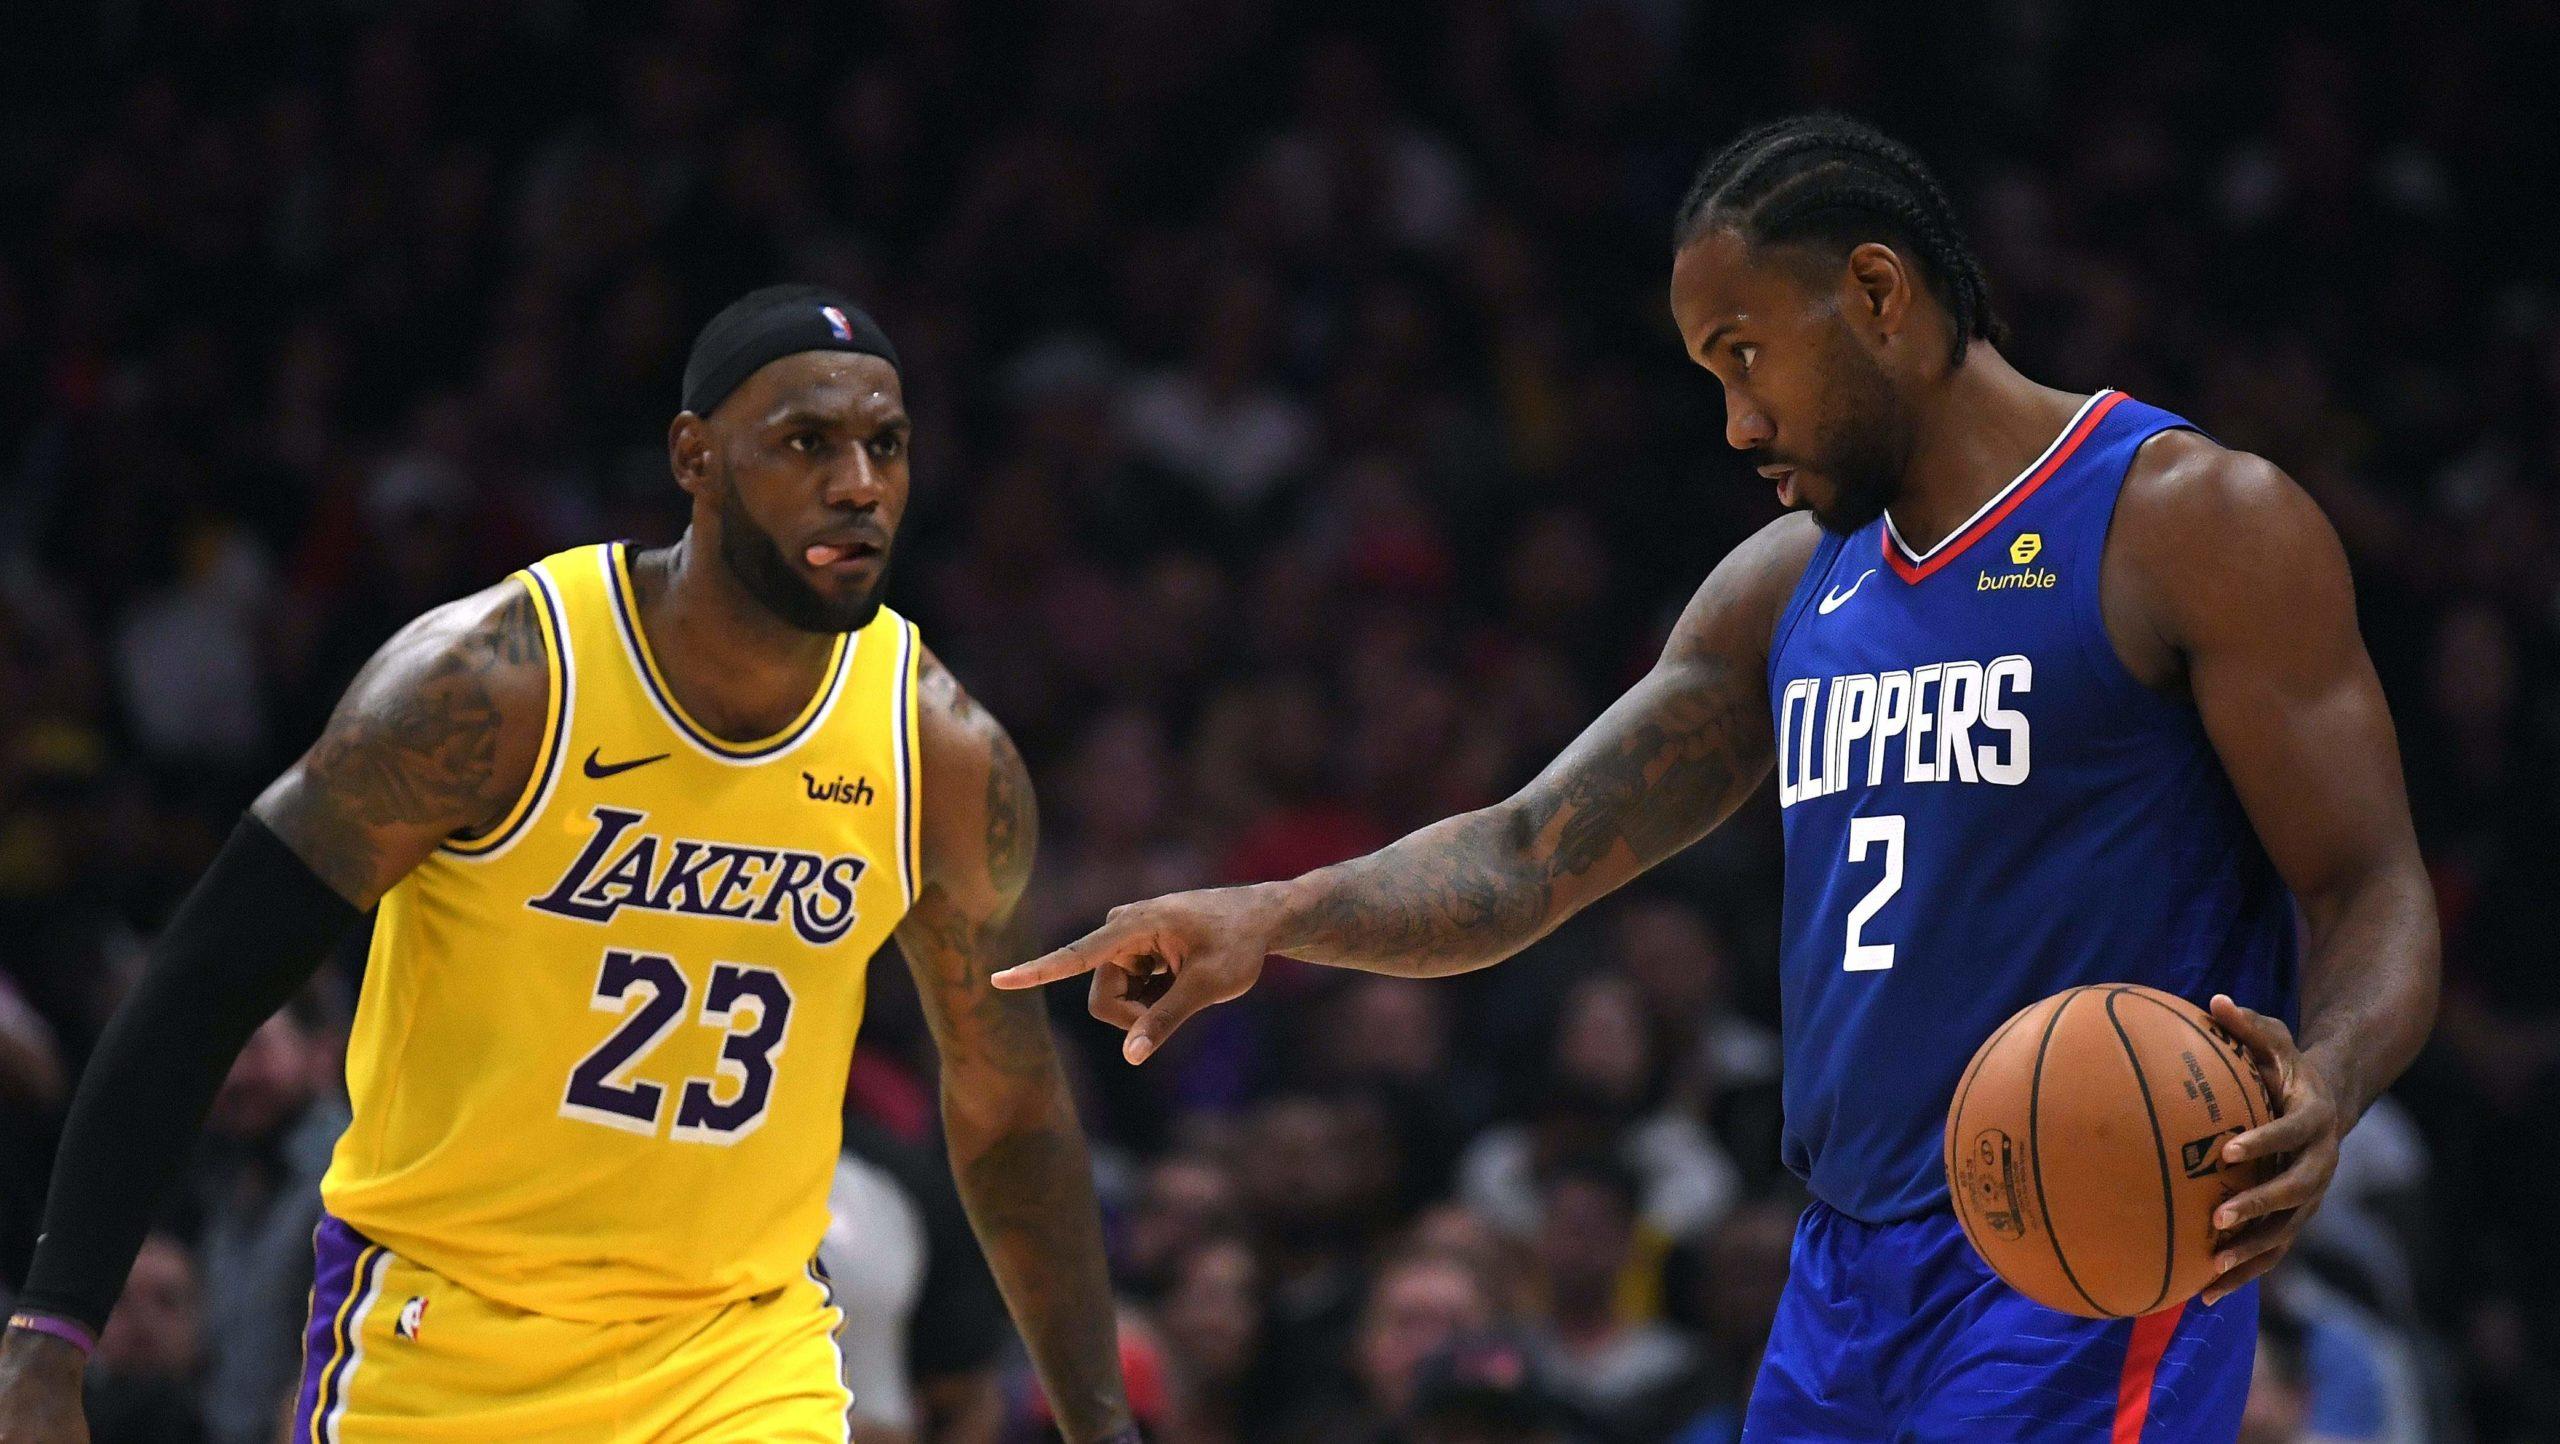 Lakers e Clippers partivano tra le favorite per il tiolo NBA 2019/20